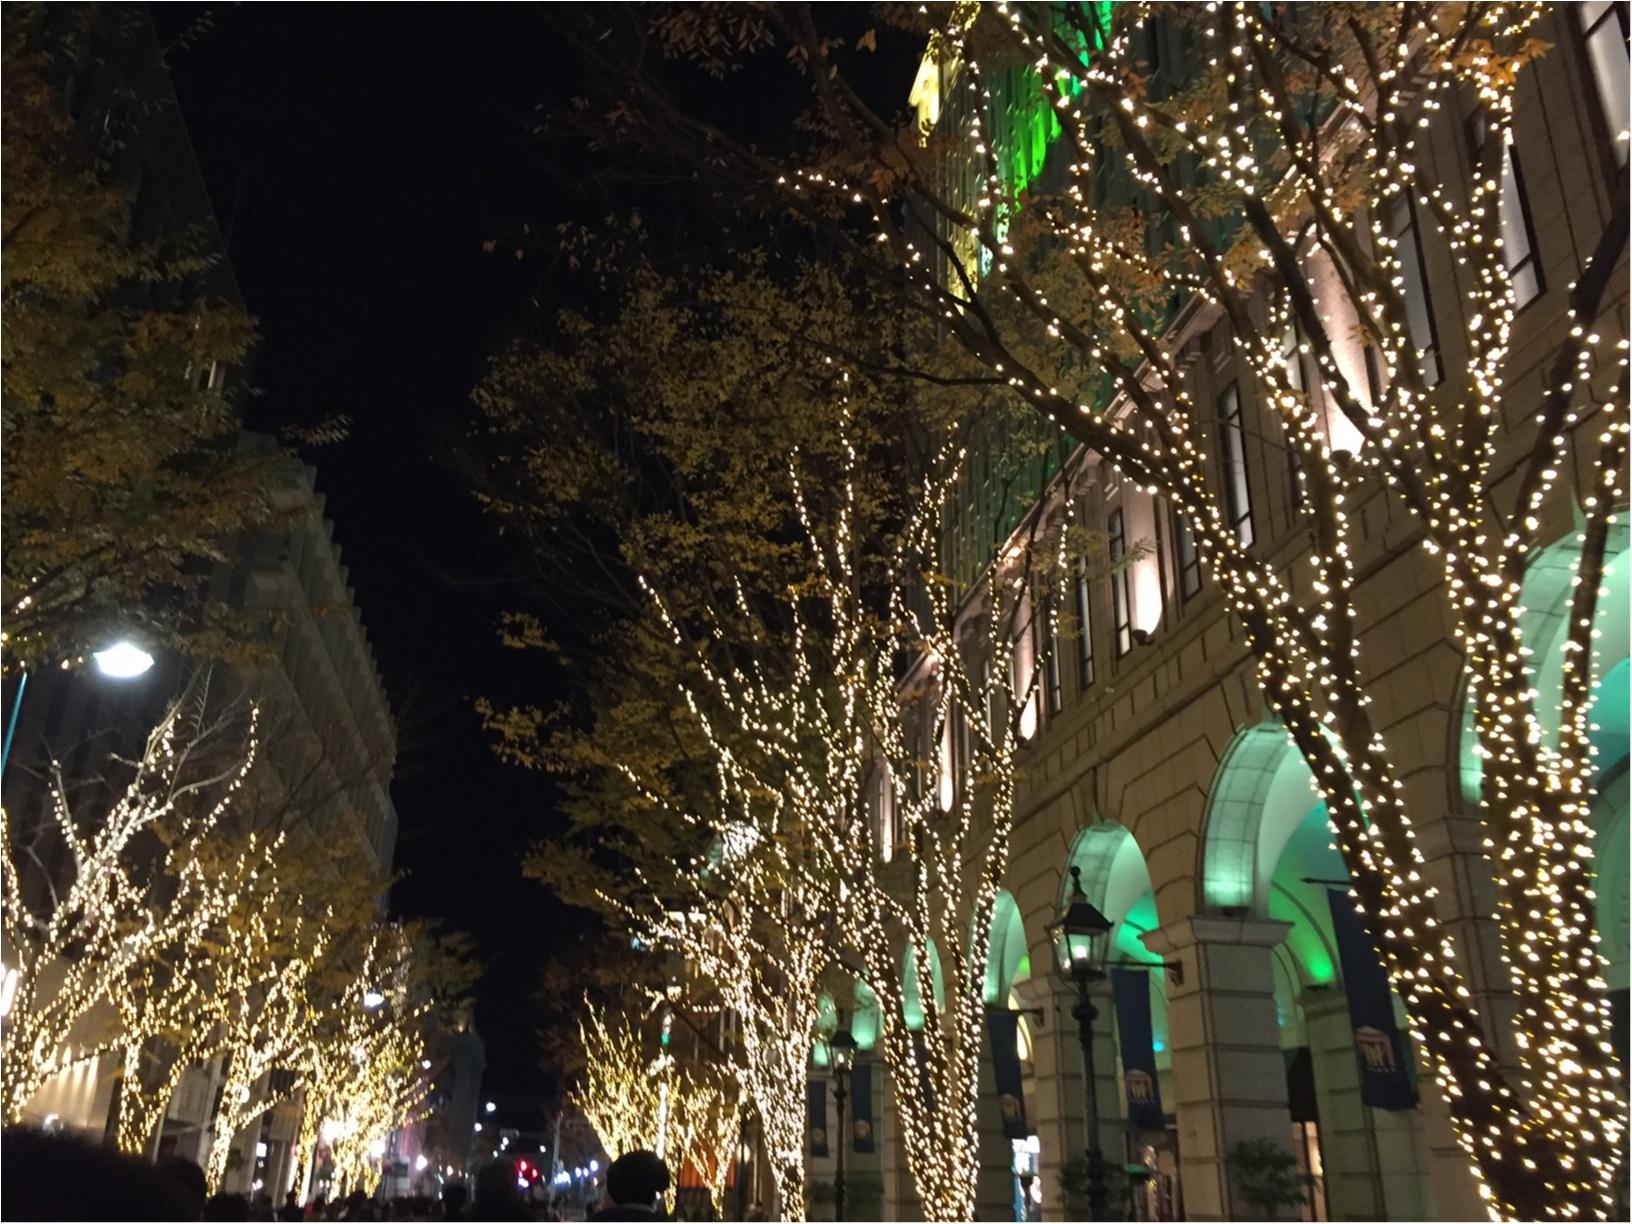 【関西おでかけ】2016旧居留地のクリスマス&神戸ルミナリエ_2